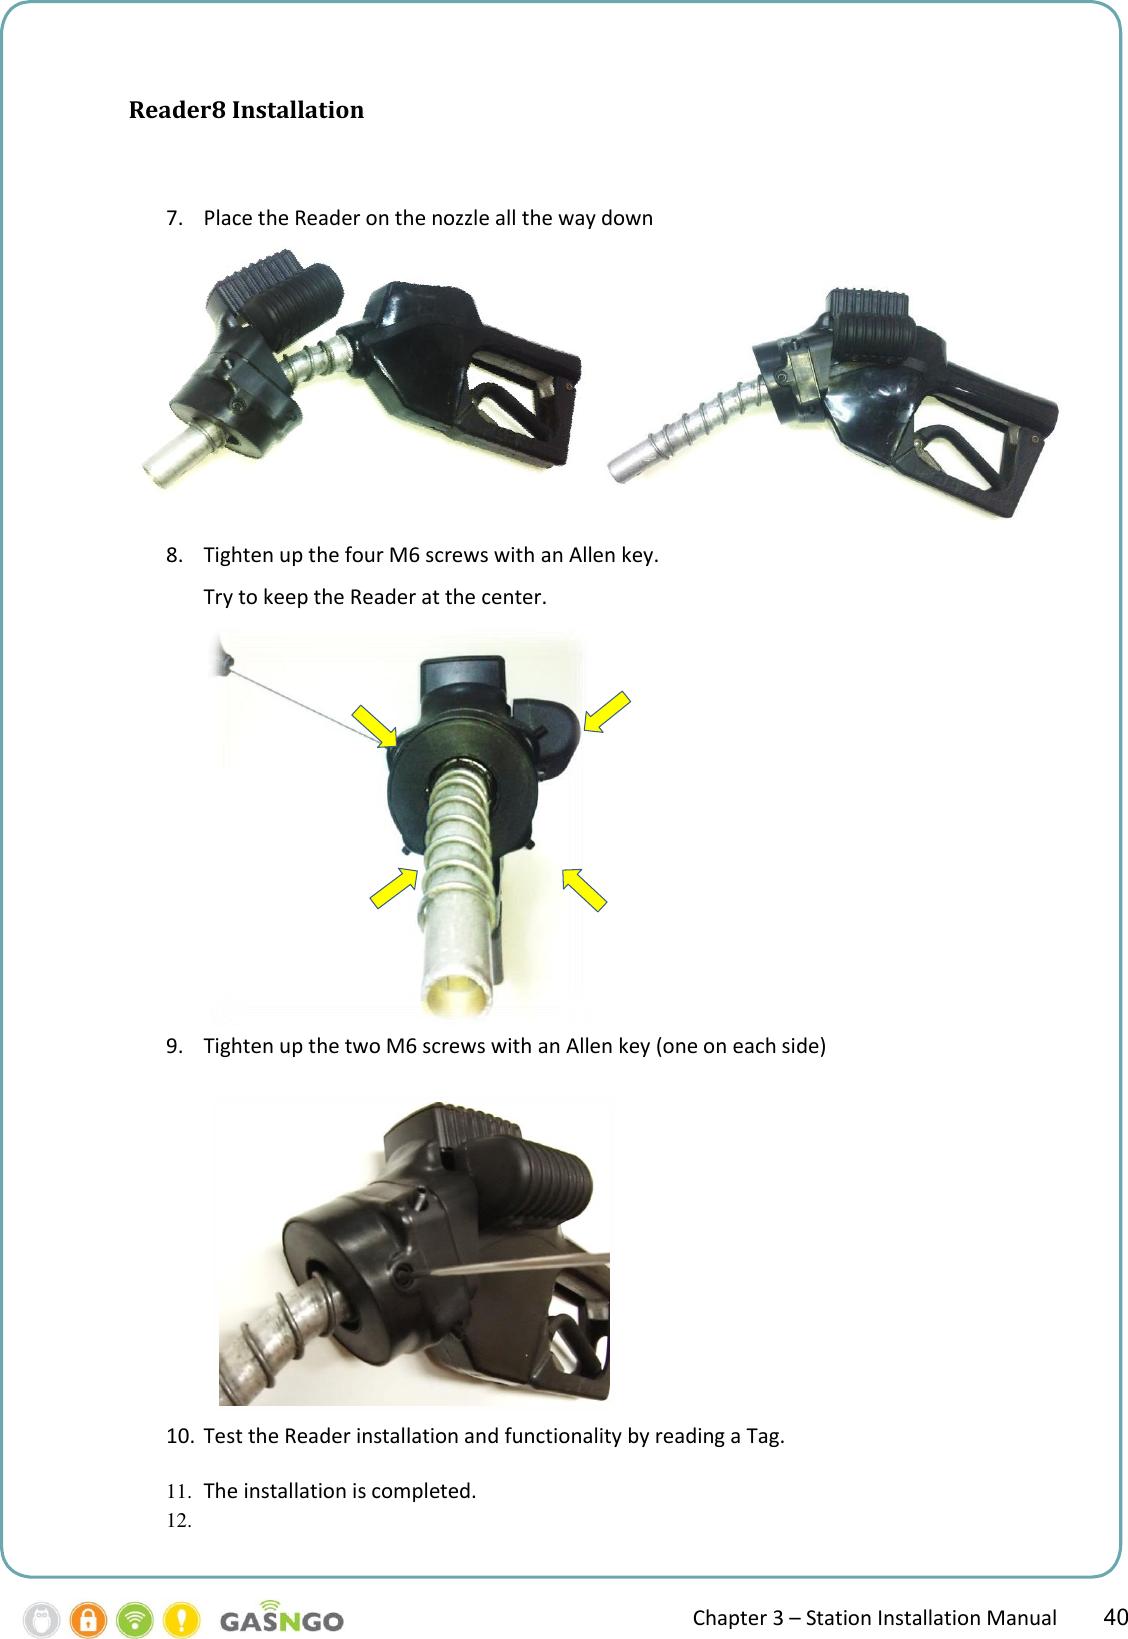 wiggins nozzle parts manual zz9